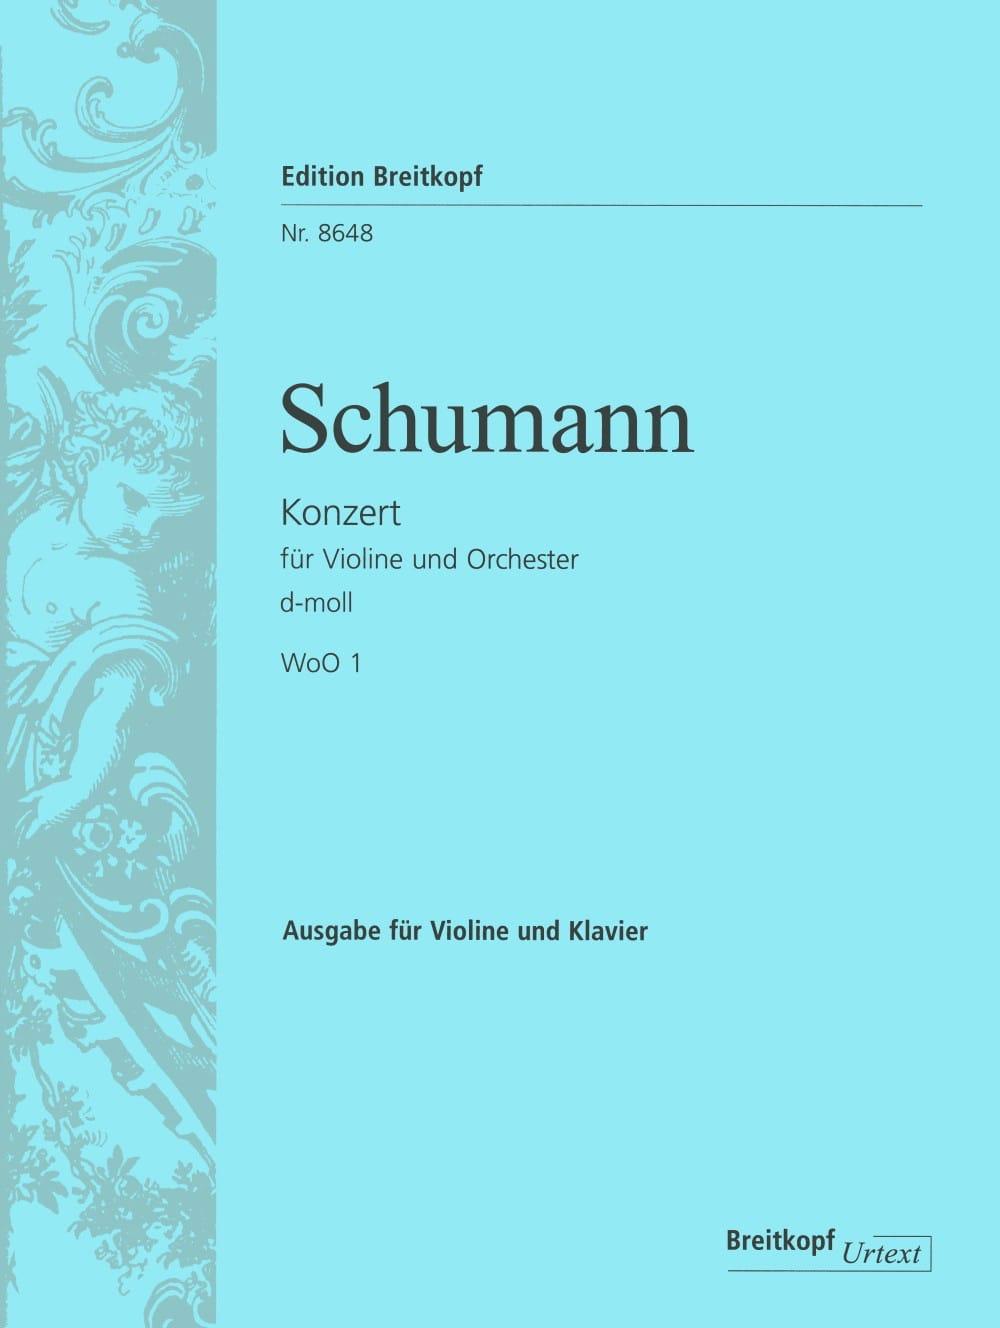 Concerto En Ré Min. WoO1 - SCHUMANN - Partition - laflutedepan.com